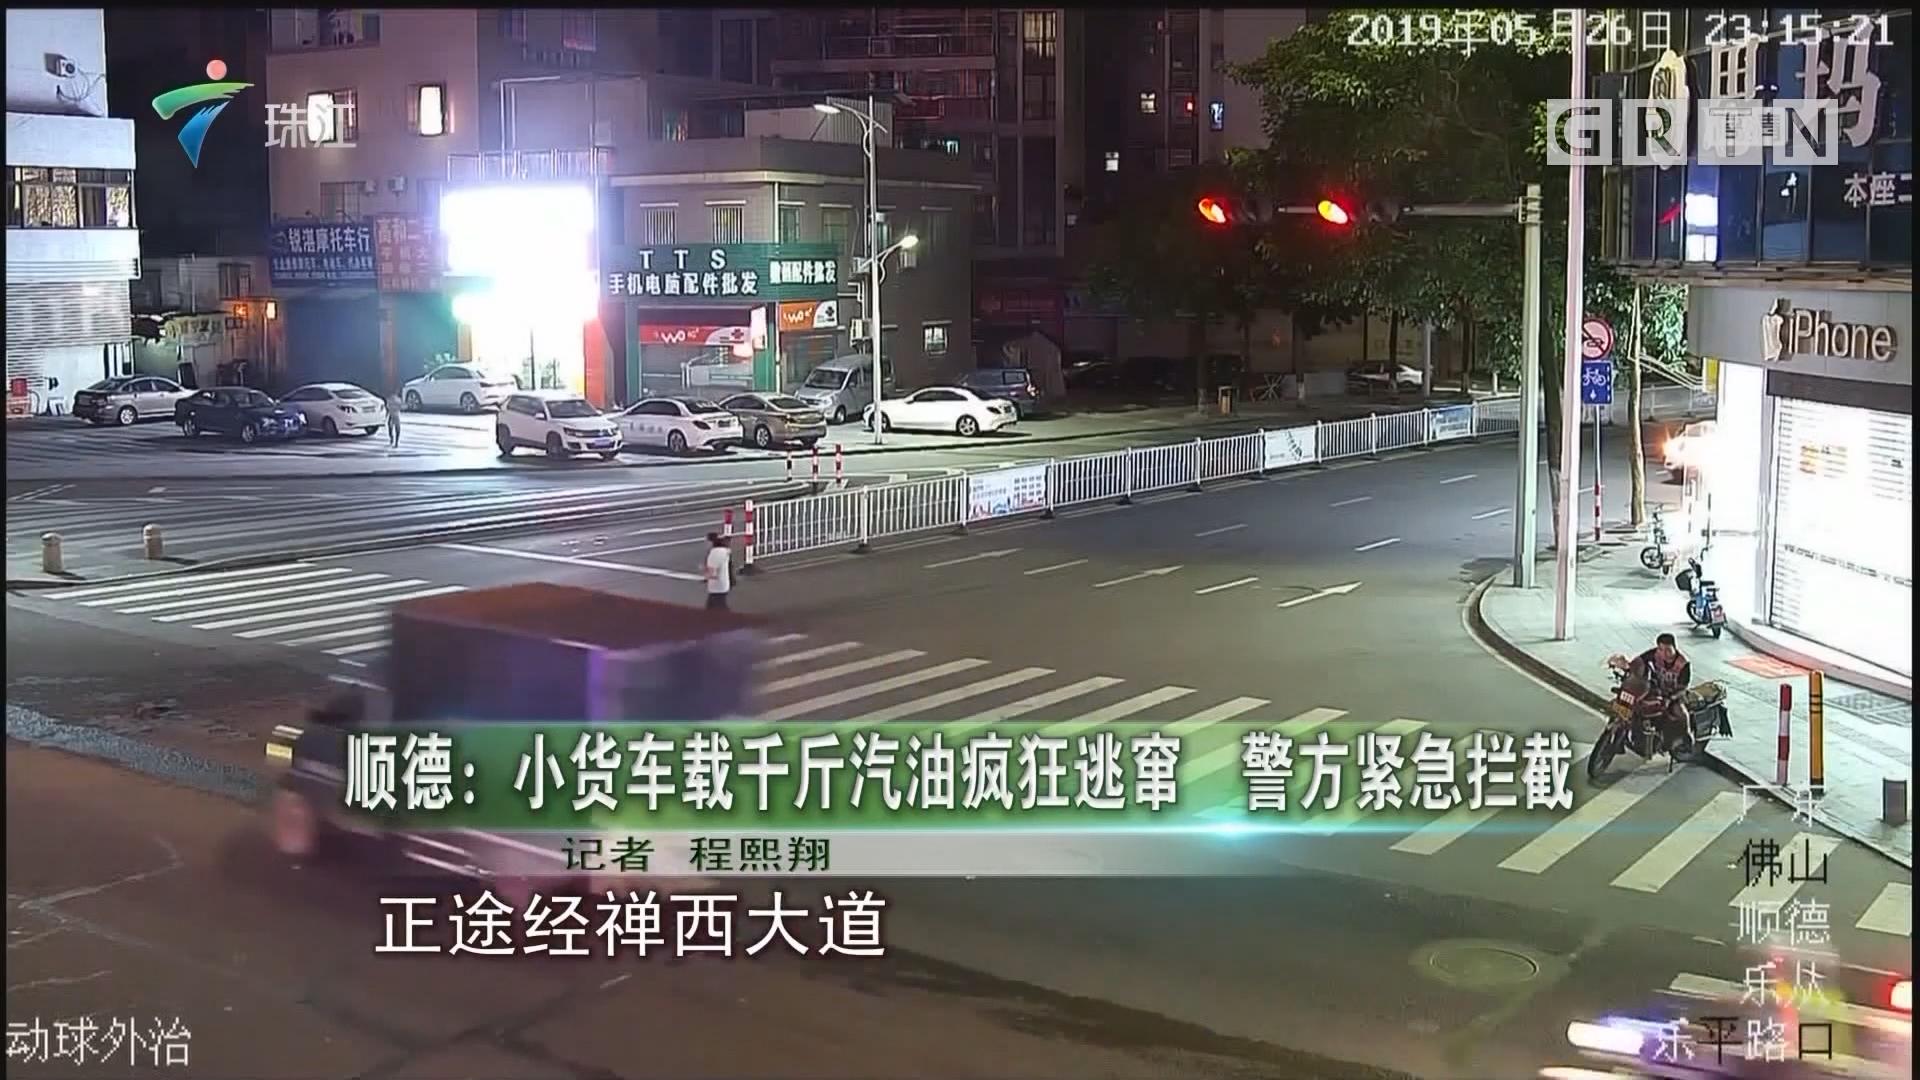 顺德:小货车载千斤汽油疯狂逃窜 警方紧急拦截